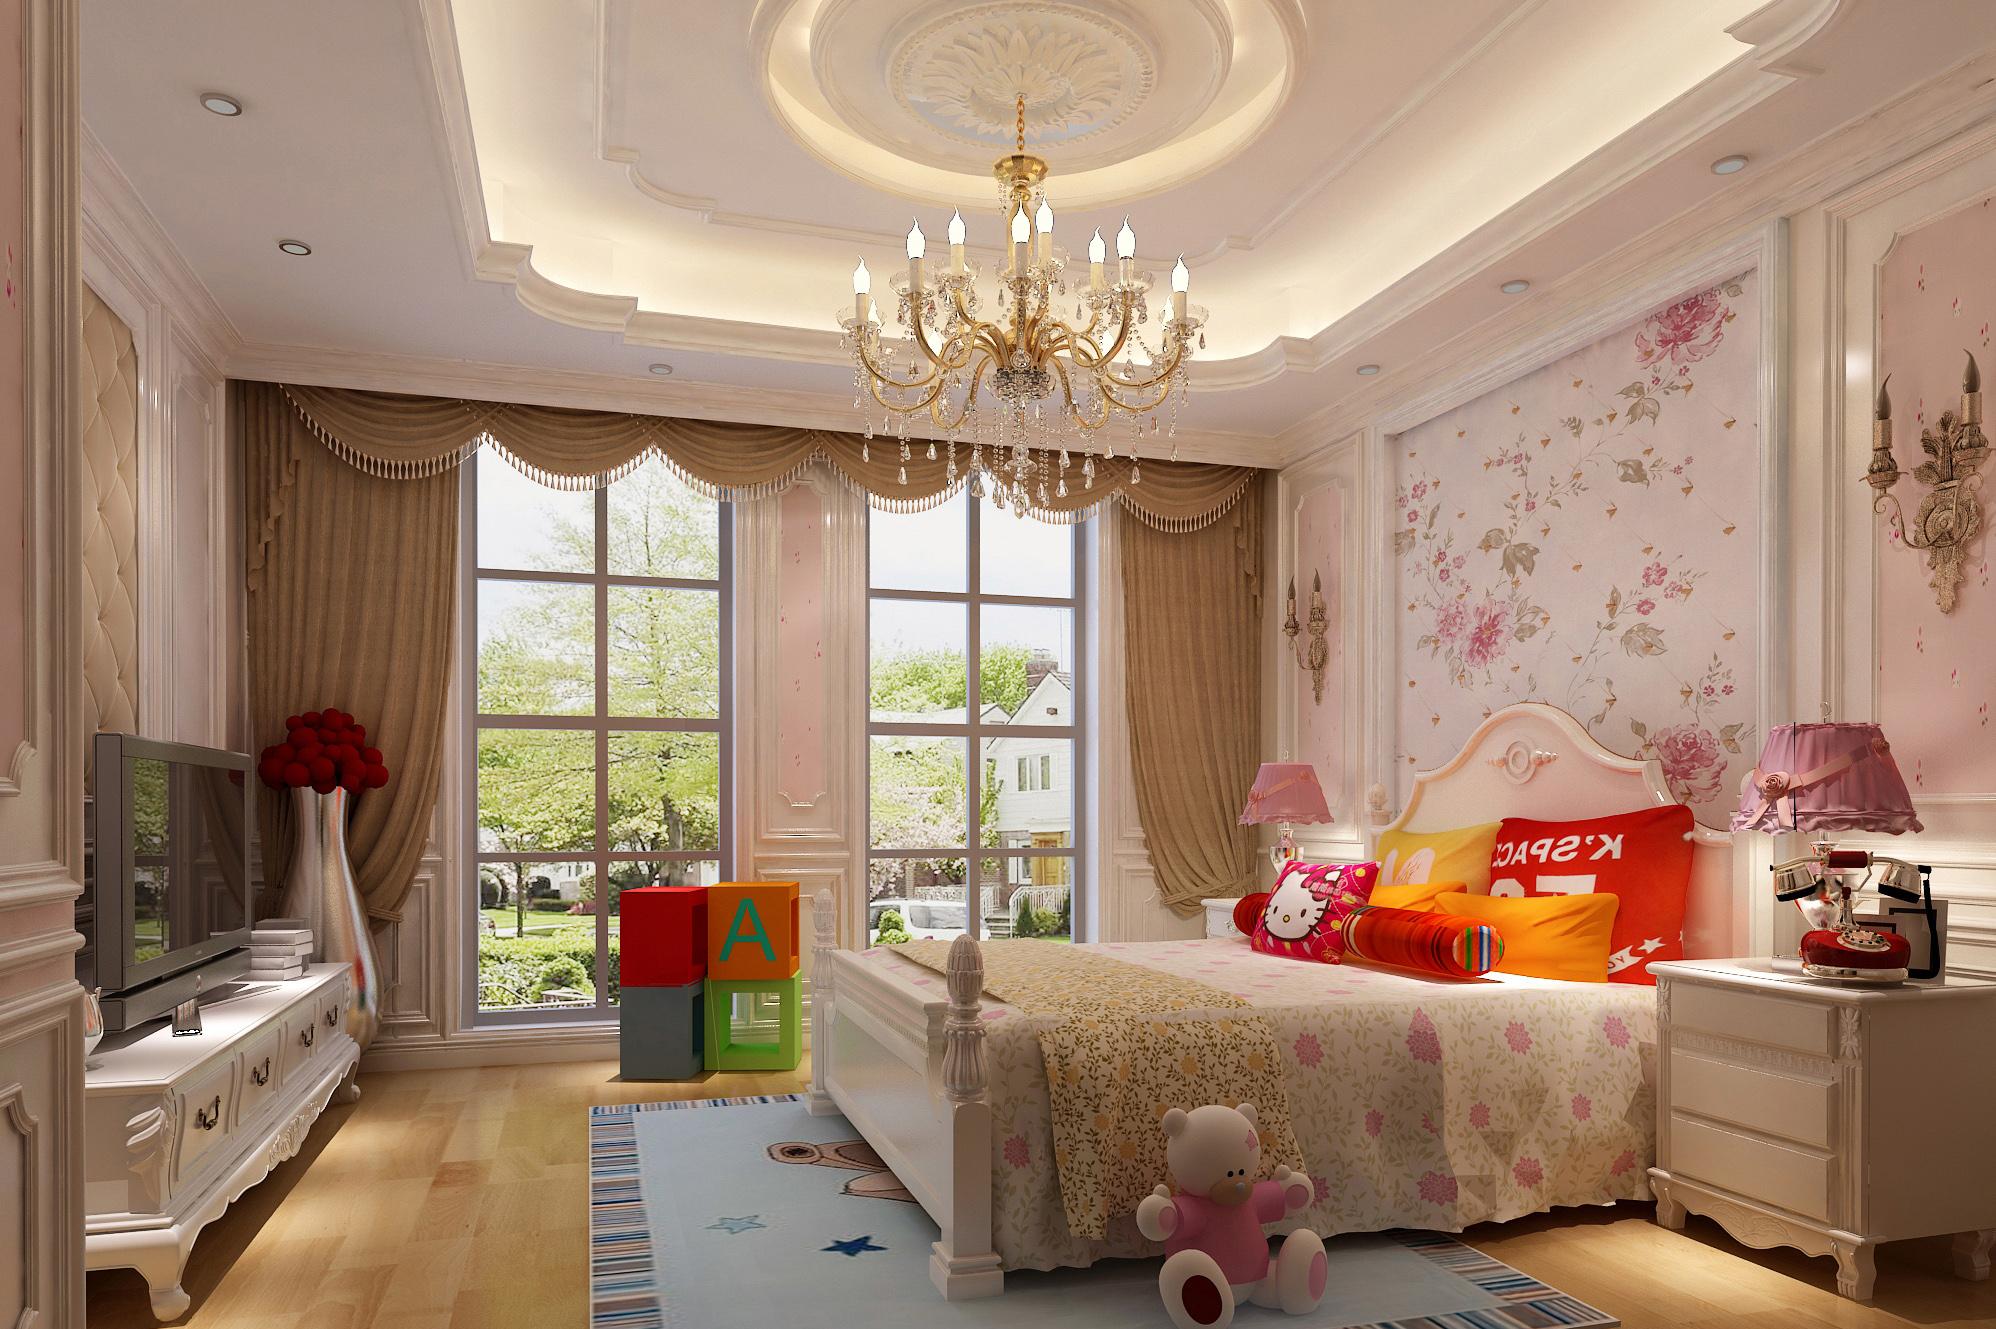 别墅 美式 儿童房图片来自轻舟装饰-90后的华仔在格拉斯小镇-1000平米-美式风格的分享